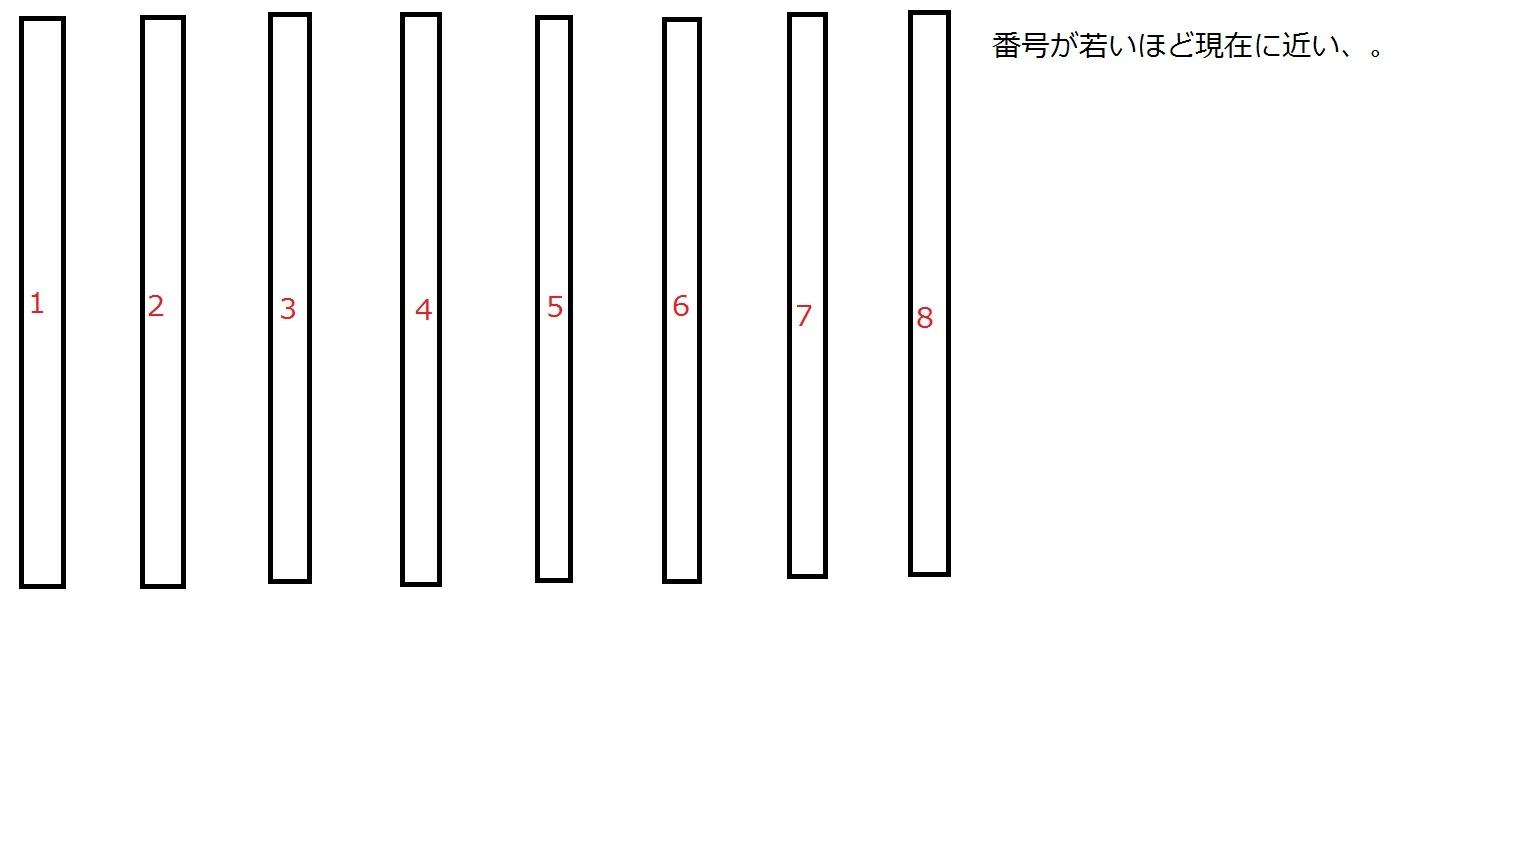 無題.6.jpg